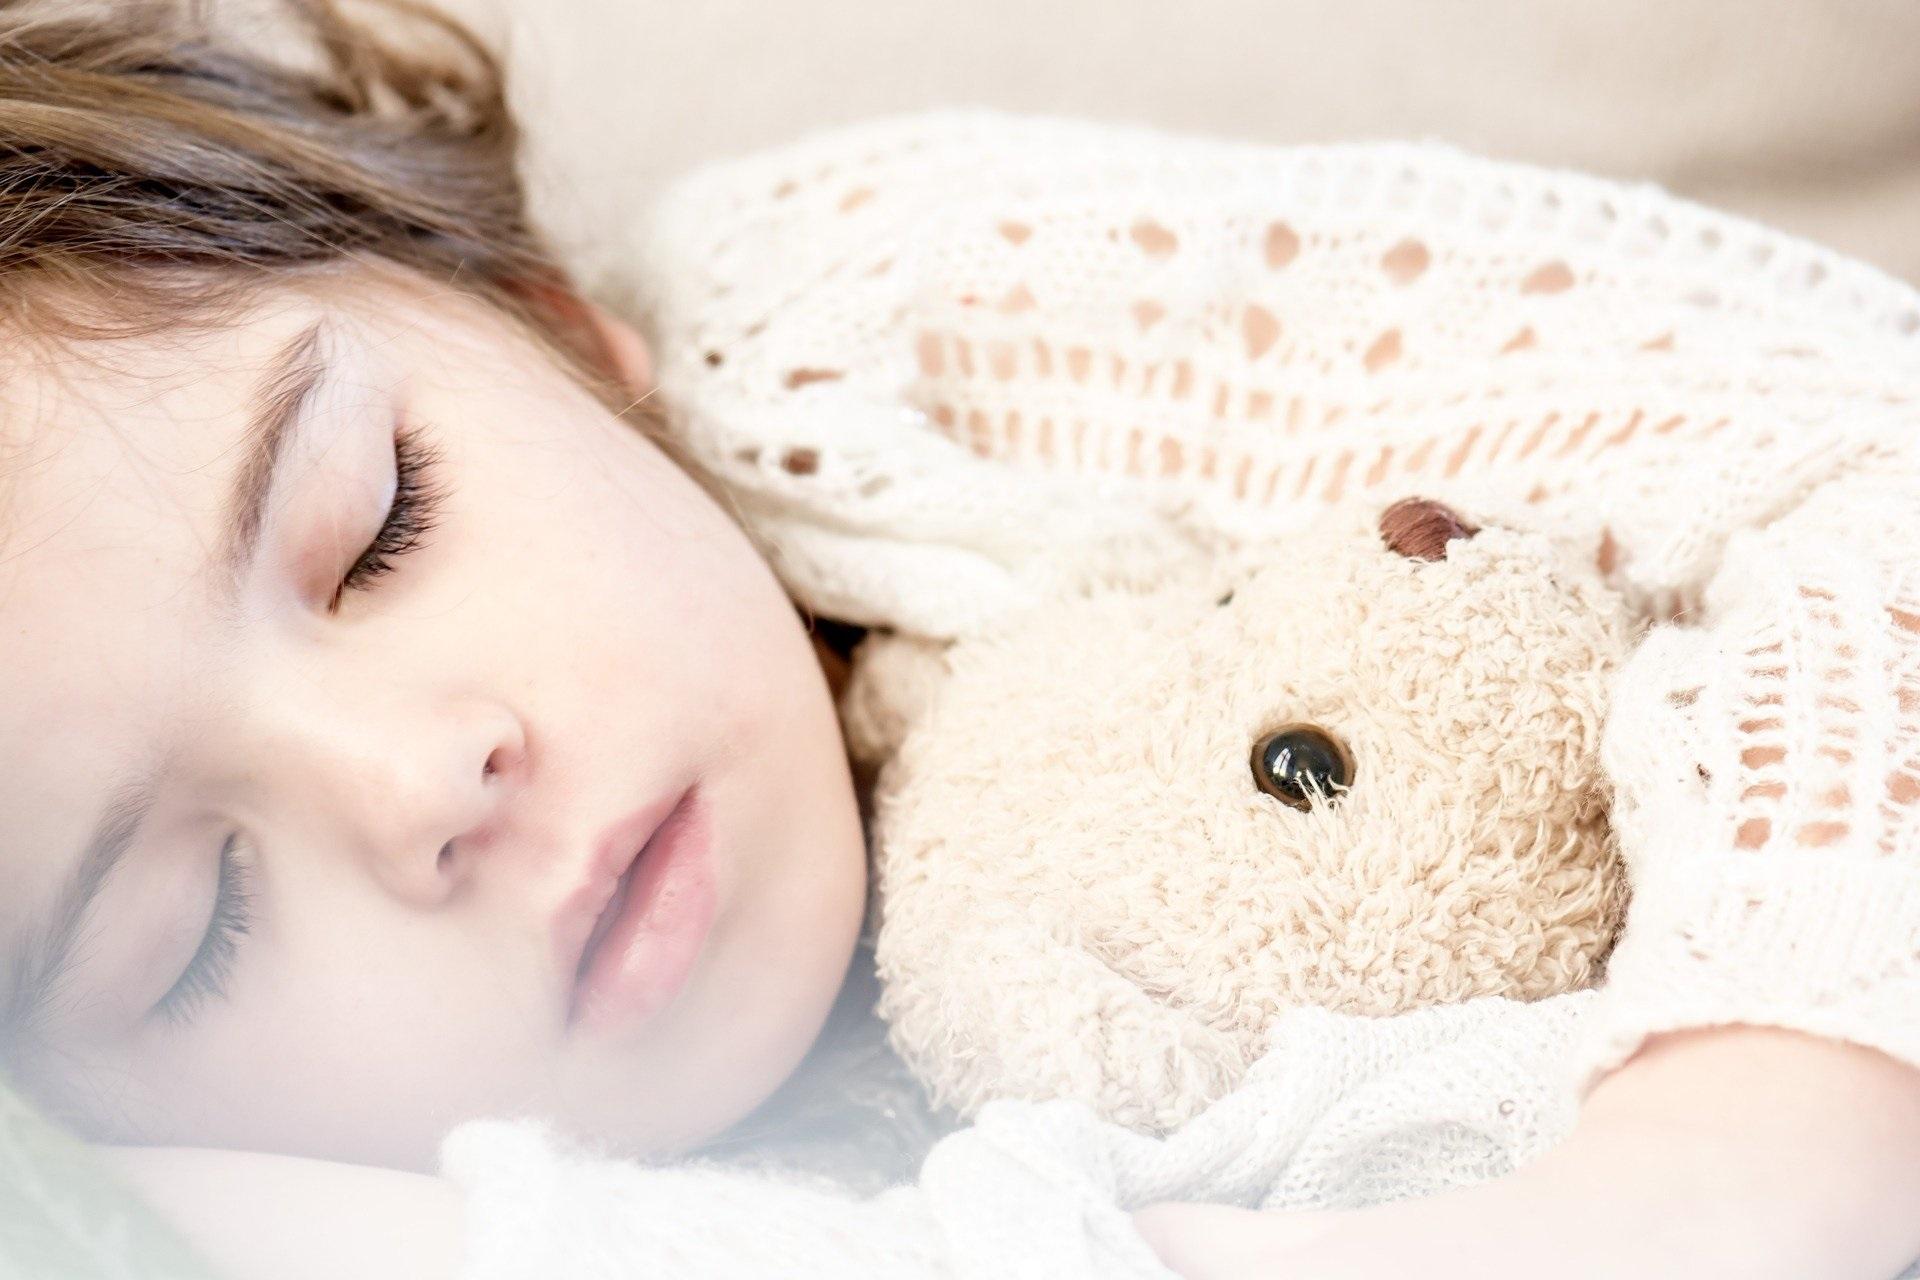 Kinder-Autobett: Jetzt ein tolles Kinder-Autobett kaufen! Kinder-Autobett, Kinderautobett, Autobetten, Kinder Autobett, Kinderbetten, Rennwagen Bett, Sportwagen, Auto, Cabrio, Kinderbett, Autobetten für Kinder, Bett